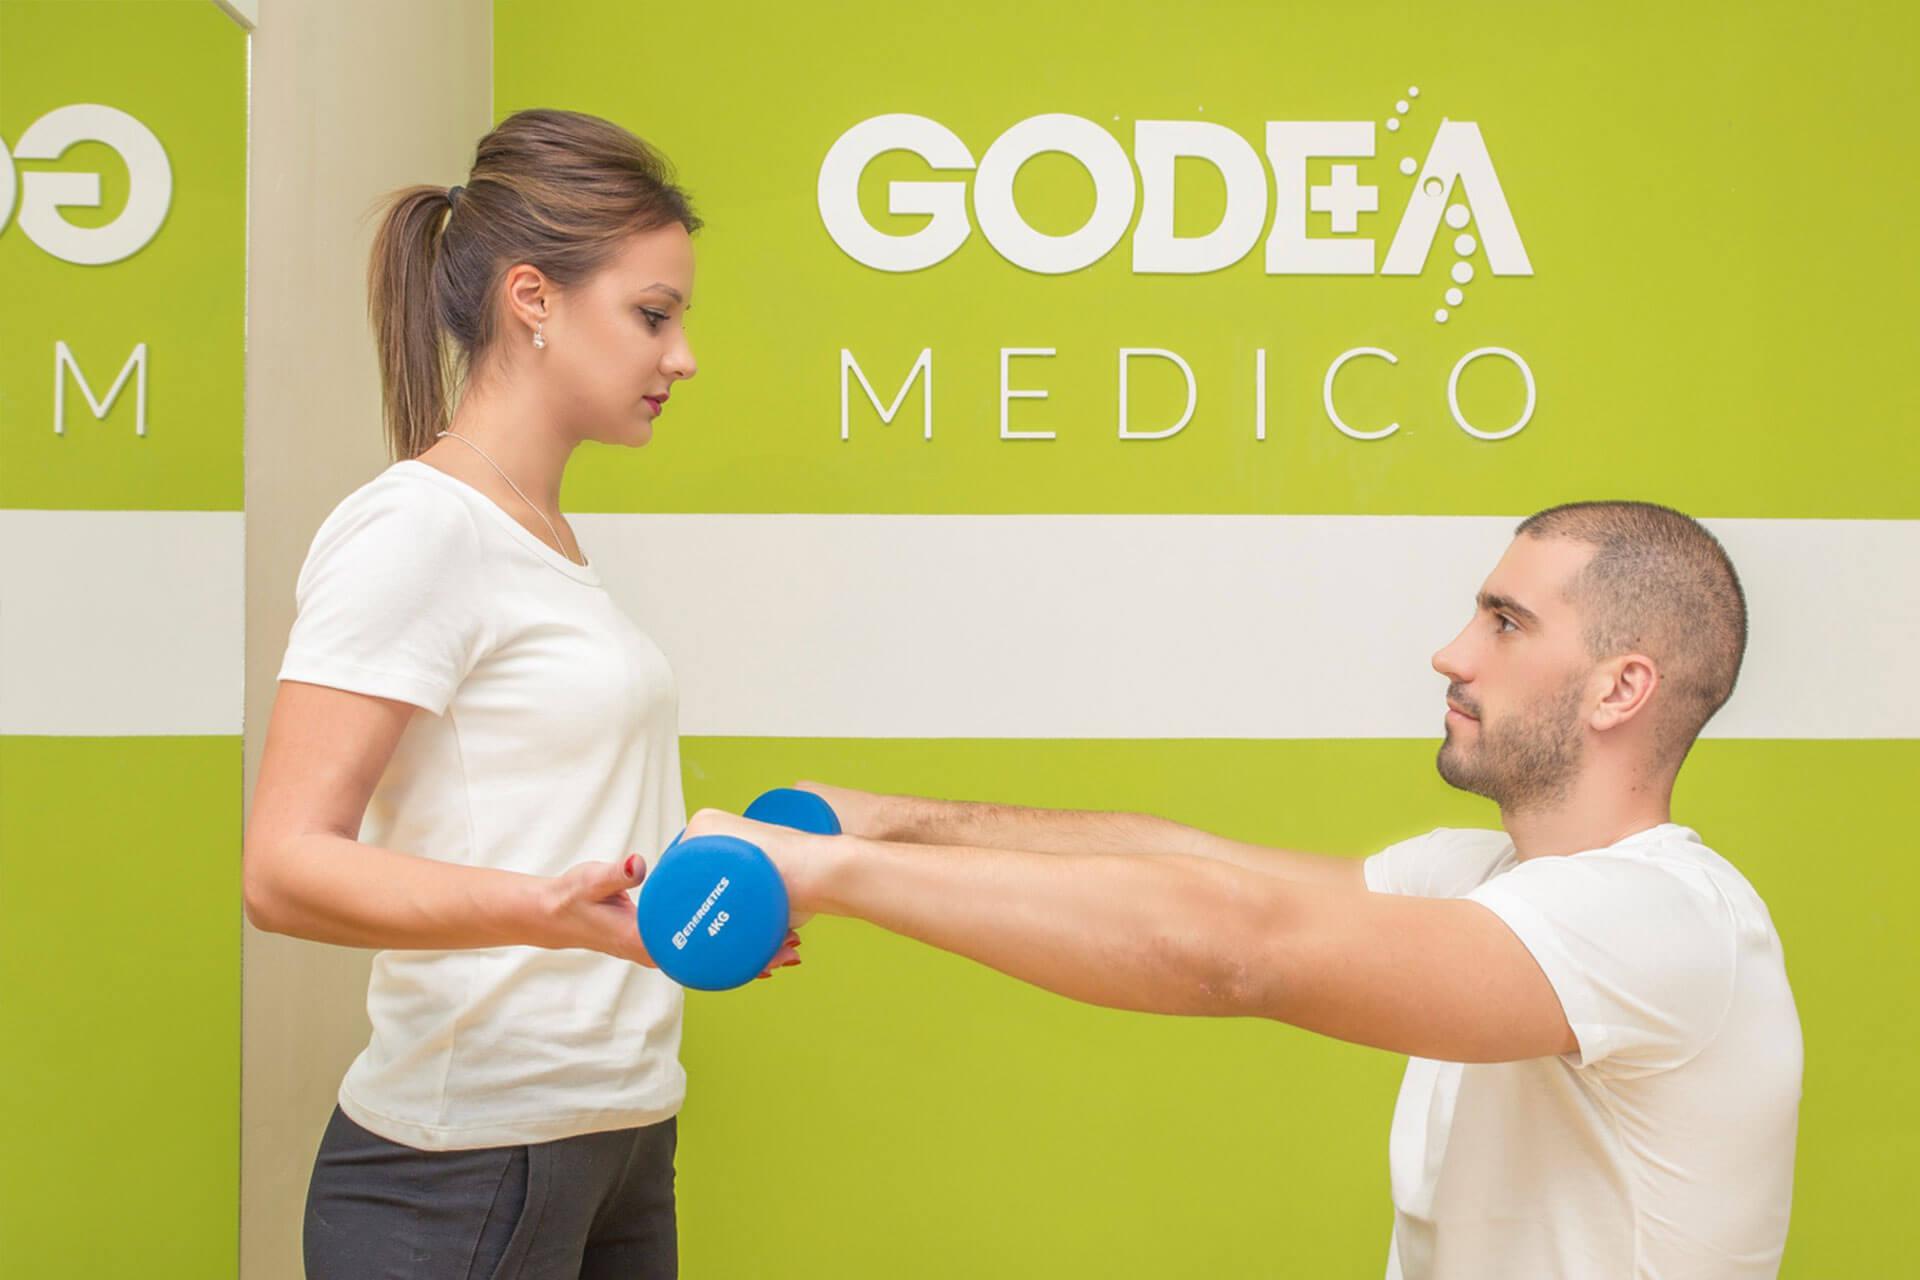 Sportista uz pomoć terapeutkinje Godea Medica izvodi vežbu kineziterapije